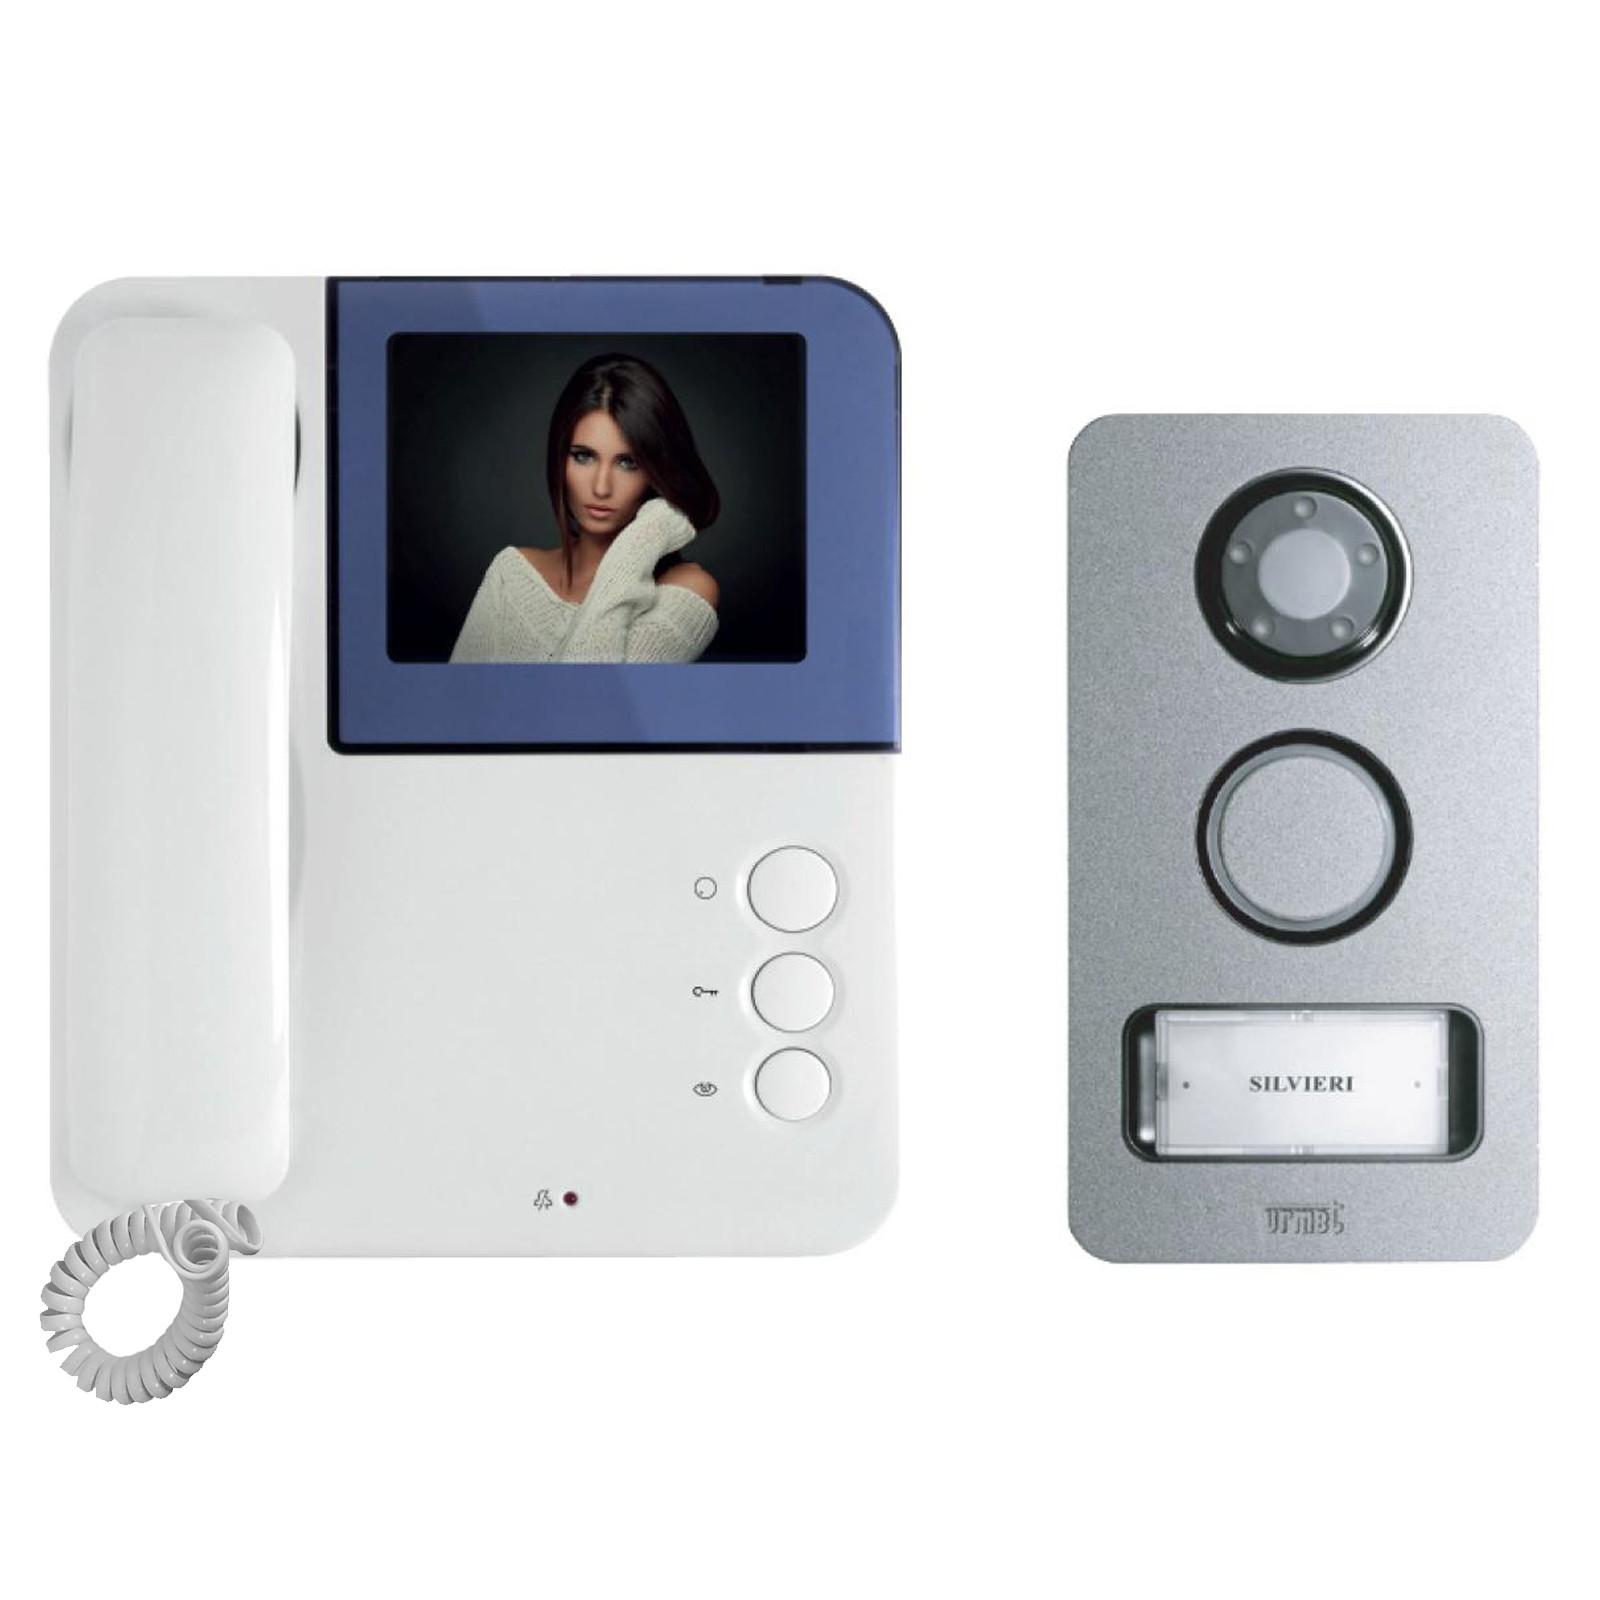 I nuovi videocitofoni di urmet urmet simon nea copritasto for Videocitofono bticino prezzi